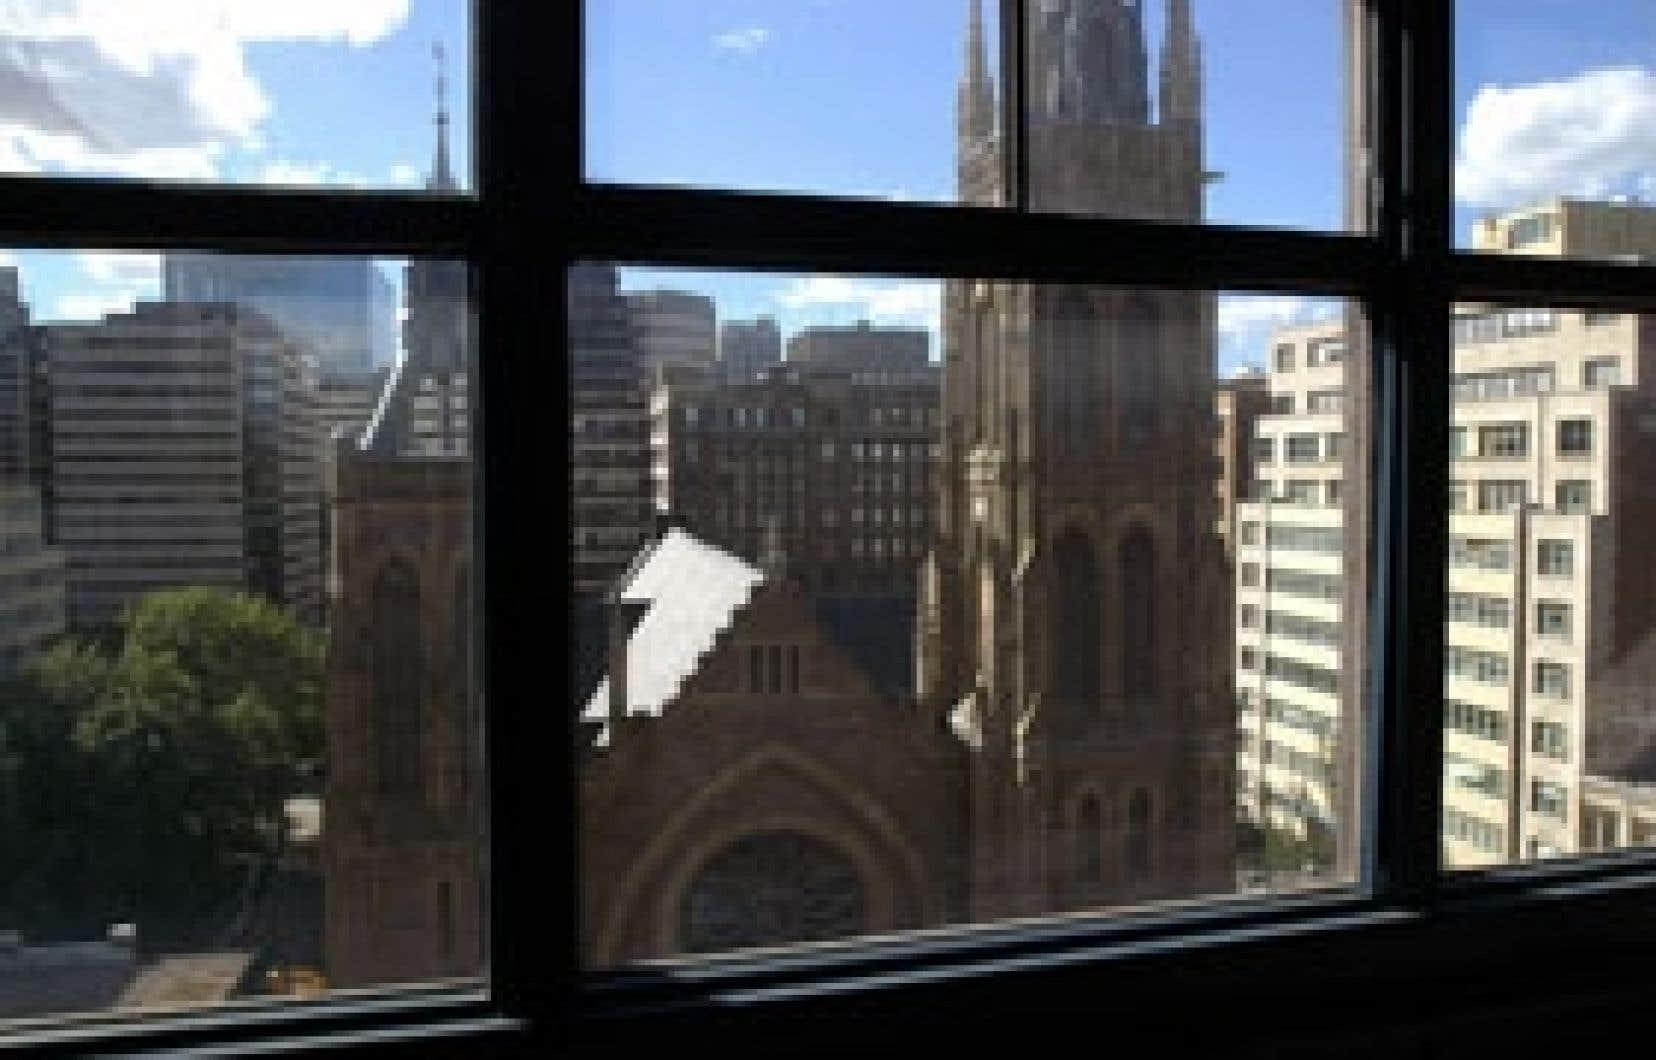 C'est un contrat pour la réfection de l'église unie St. James à Montréal qui est la cause des malheurs de L. M. Sauvé.